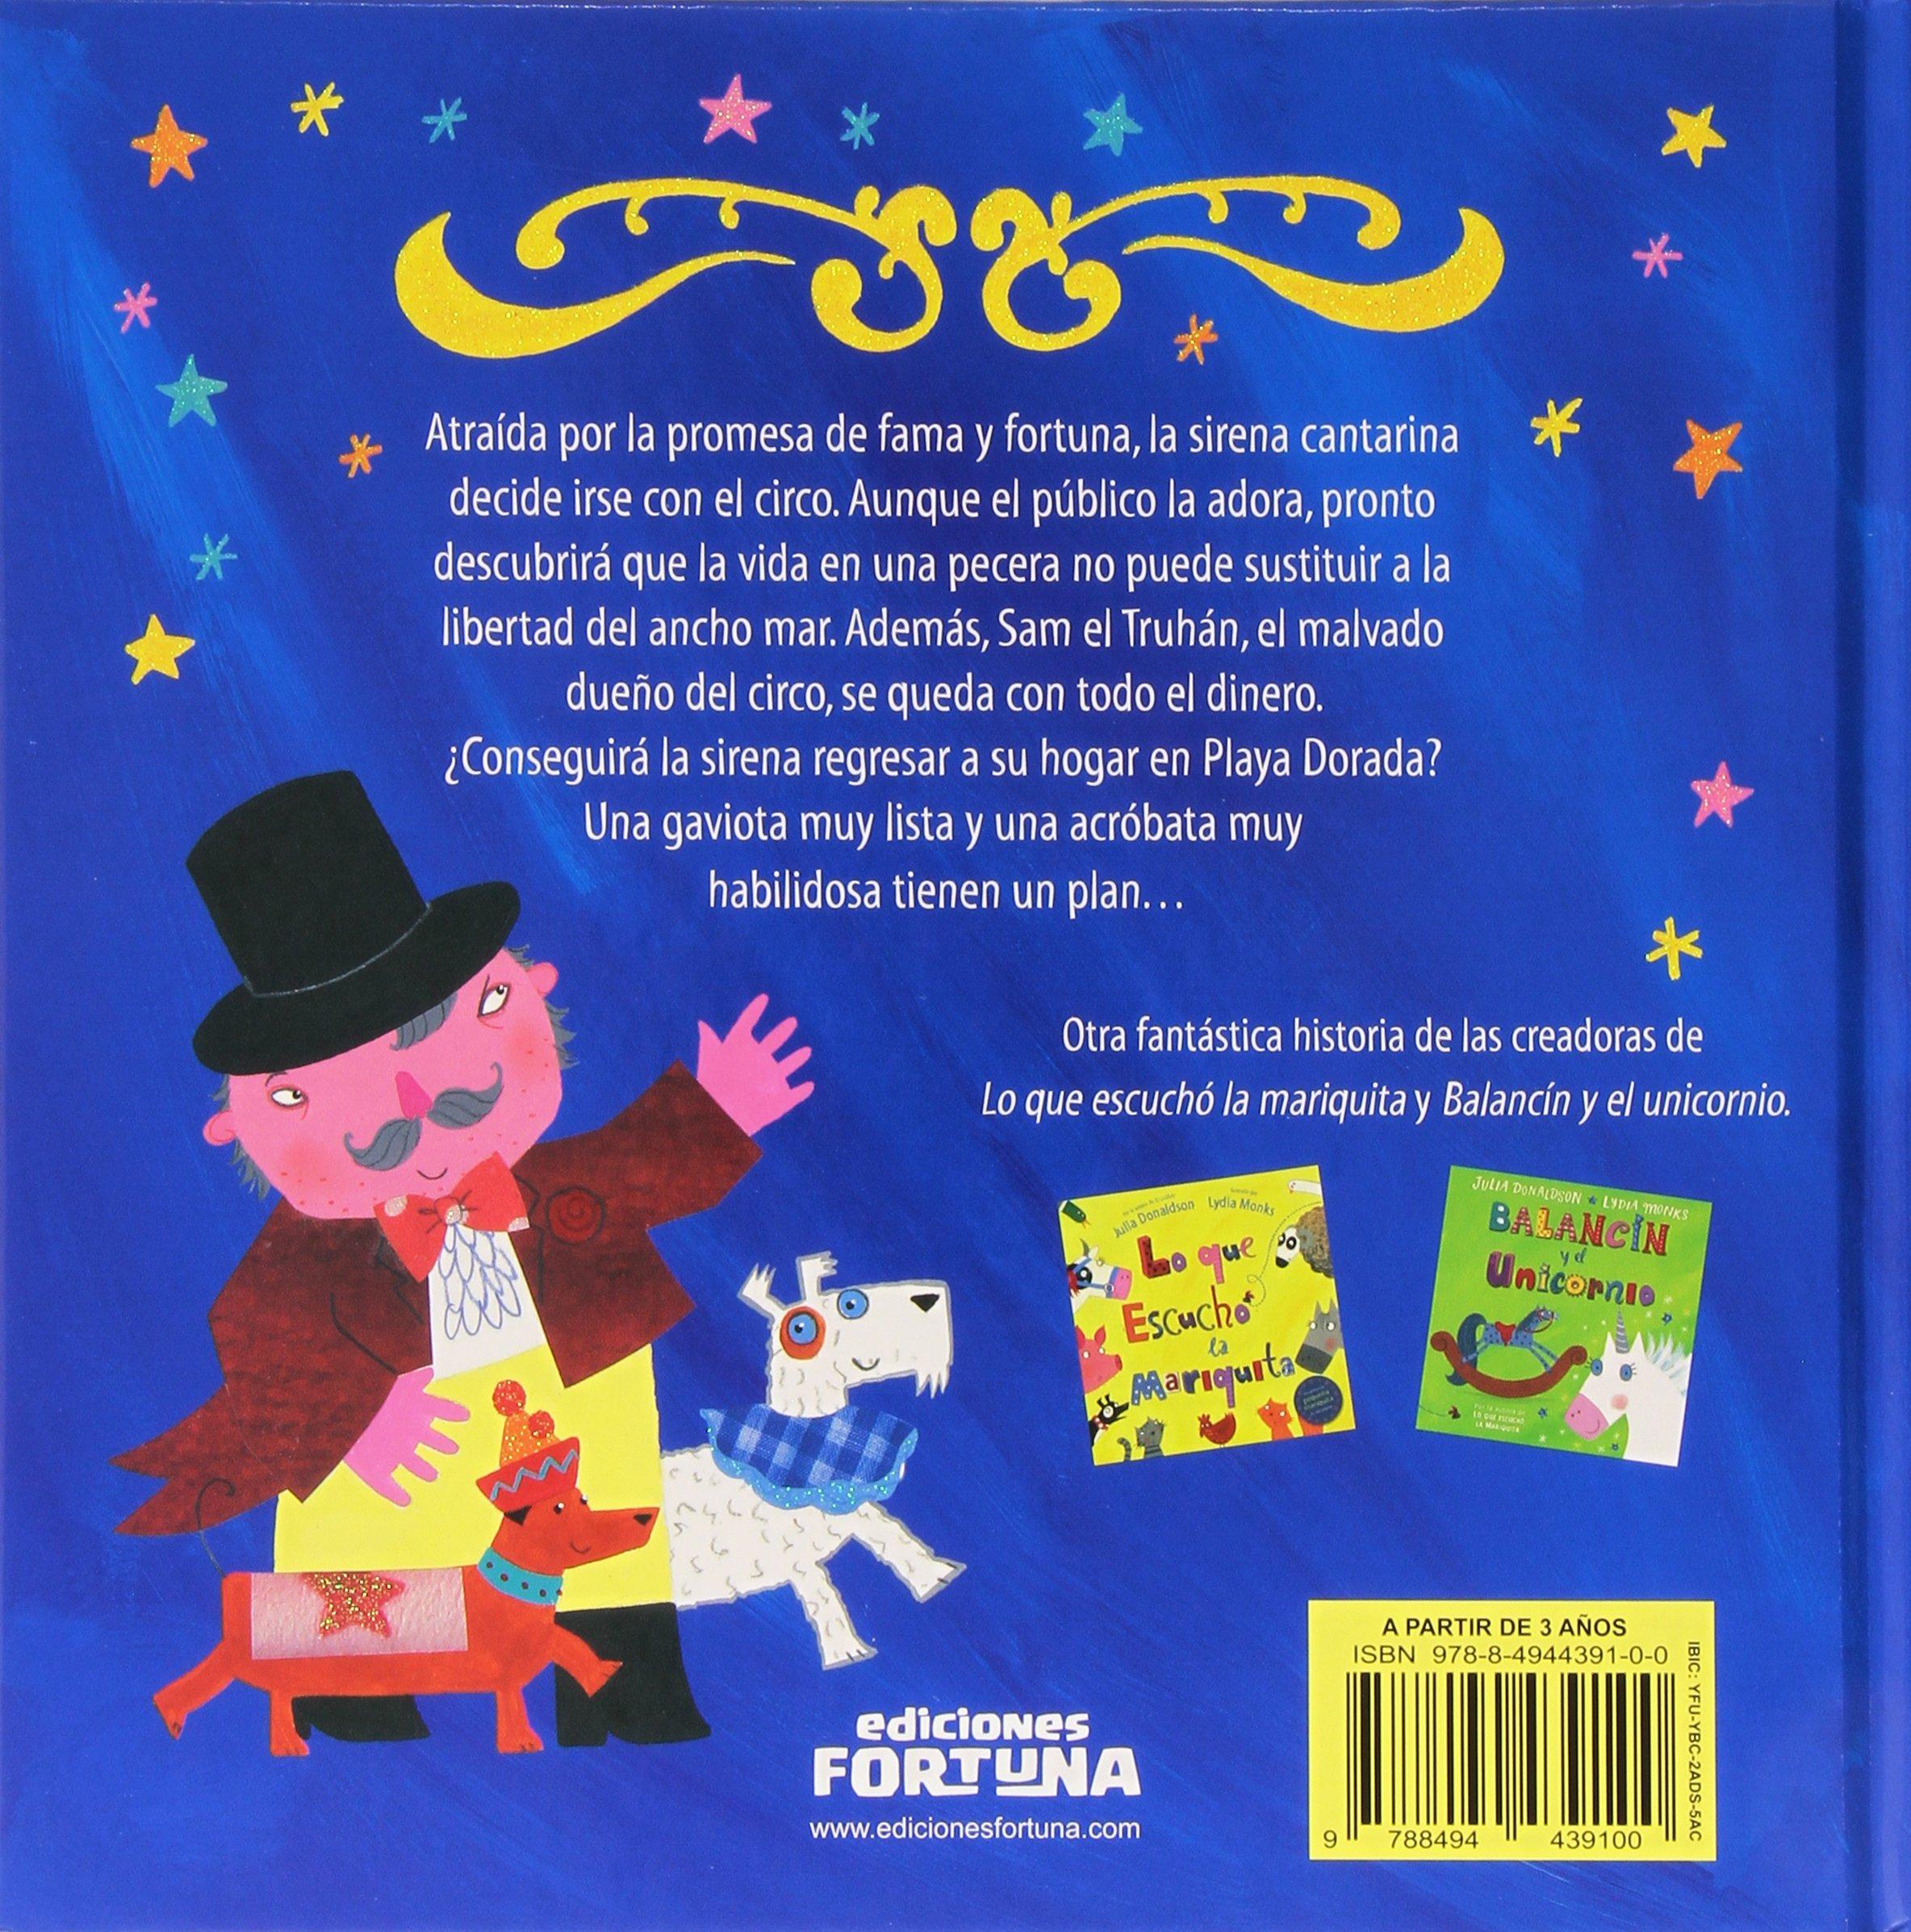 La sirena cantarina: Julia Donaldson: 9788494439100: Amazon.com: Books